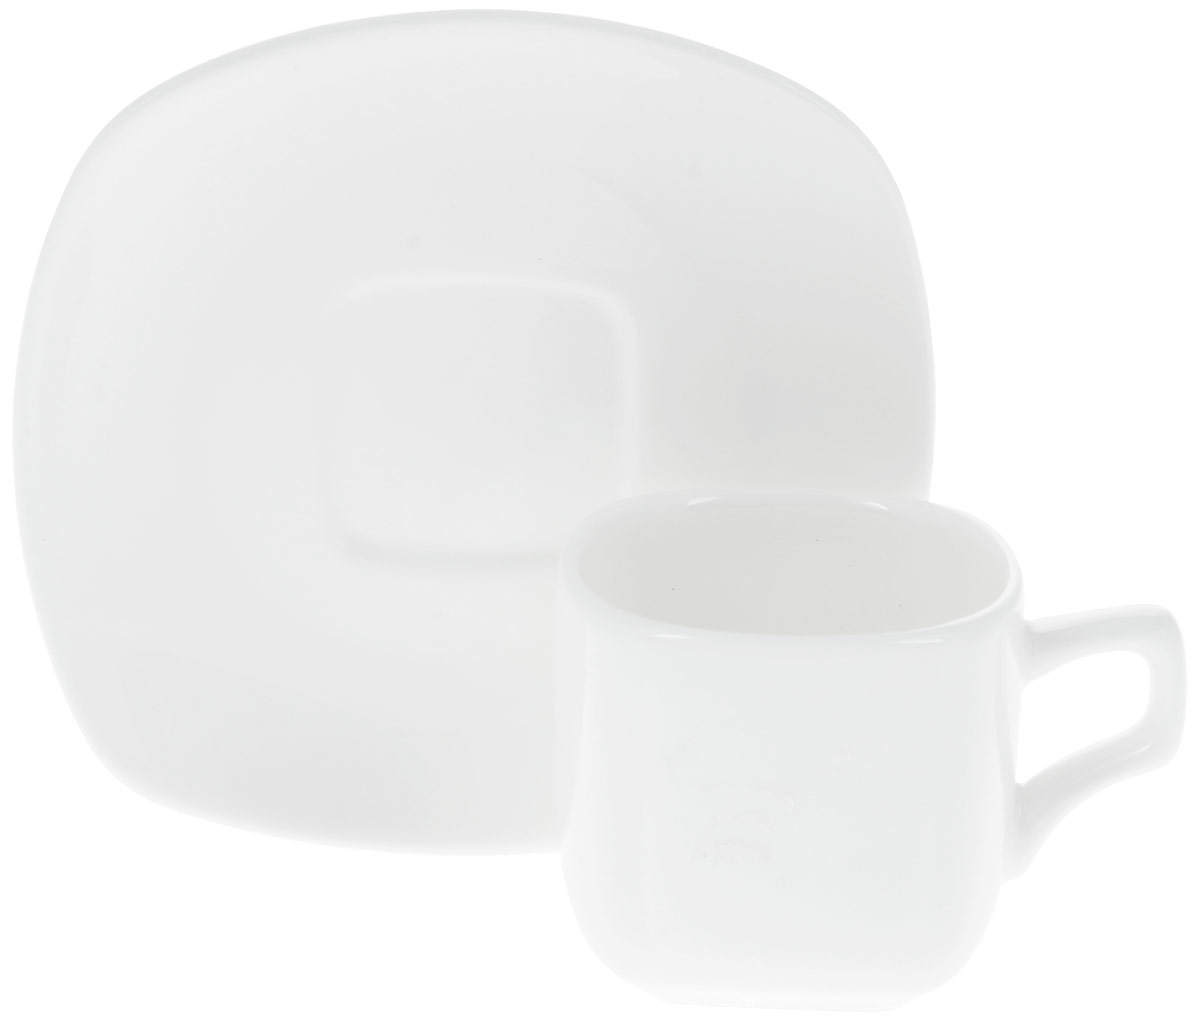 Кофейная пара Wilmax, 2 предмета. WL-993041 / ABWL-993041 / ABКофейная пара Wilmax состоит из кофейной чашки и квадратного блюдца, изготовленных из высококачественного глазурованного фарфора. Материал легкий, тонкий, свет без труда проникает сквозь изделия. Посуда имеет роскошную белизну, гладкость и блеск достигаются за счет особой рецептуры глазури. Изделия обладают низкой водопоглощаемостью, высокой термостойкостью и ударопрочностью, а также экологичностью. Посуда долговечна и рассчитана на постоянное интенсивное использование. Гладкая непористая поверхность исключает проникновение бактерий, изделия не будут впитывать посторонние запахи и сохранят первоначальный цвет. Кофейная пара Wilmax - это функциональная, практичная и легкая в уходе посуда. Классический лаконичный дизайн дополнит сервировку вашего стола. Можно мыть в посудомоечной машине и использовать в микроволновой печи. Объем чашки: 90 мл. Размер чашки (по верхнему краю): 5,5 х 5,5 см. Высота стенки чашки: 5 см. Размер блюдца: 11,5 х 11,5 см.